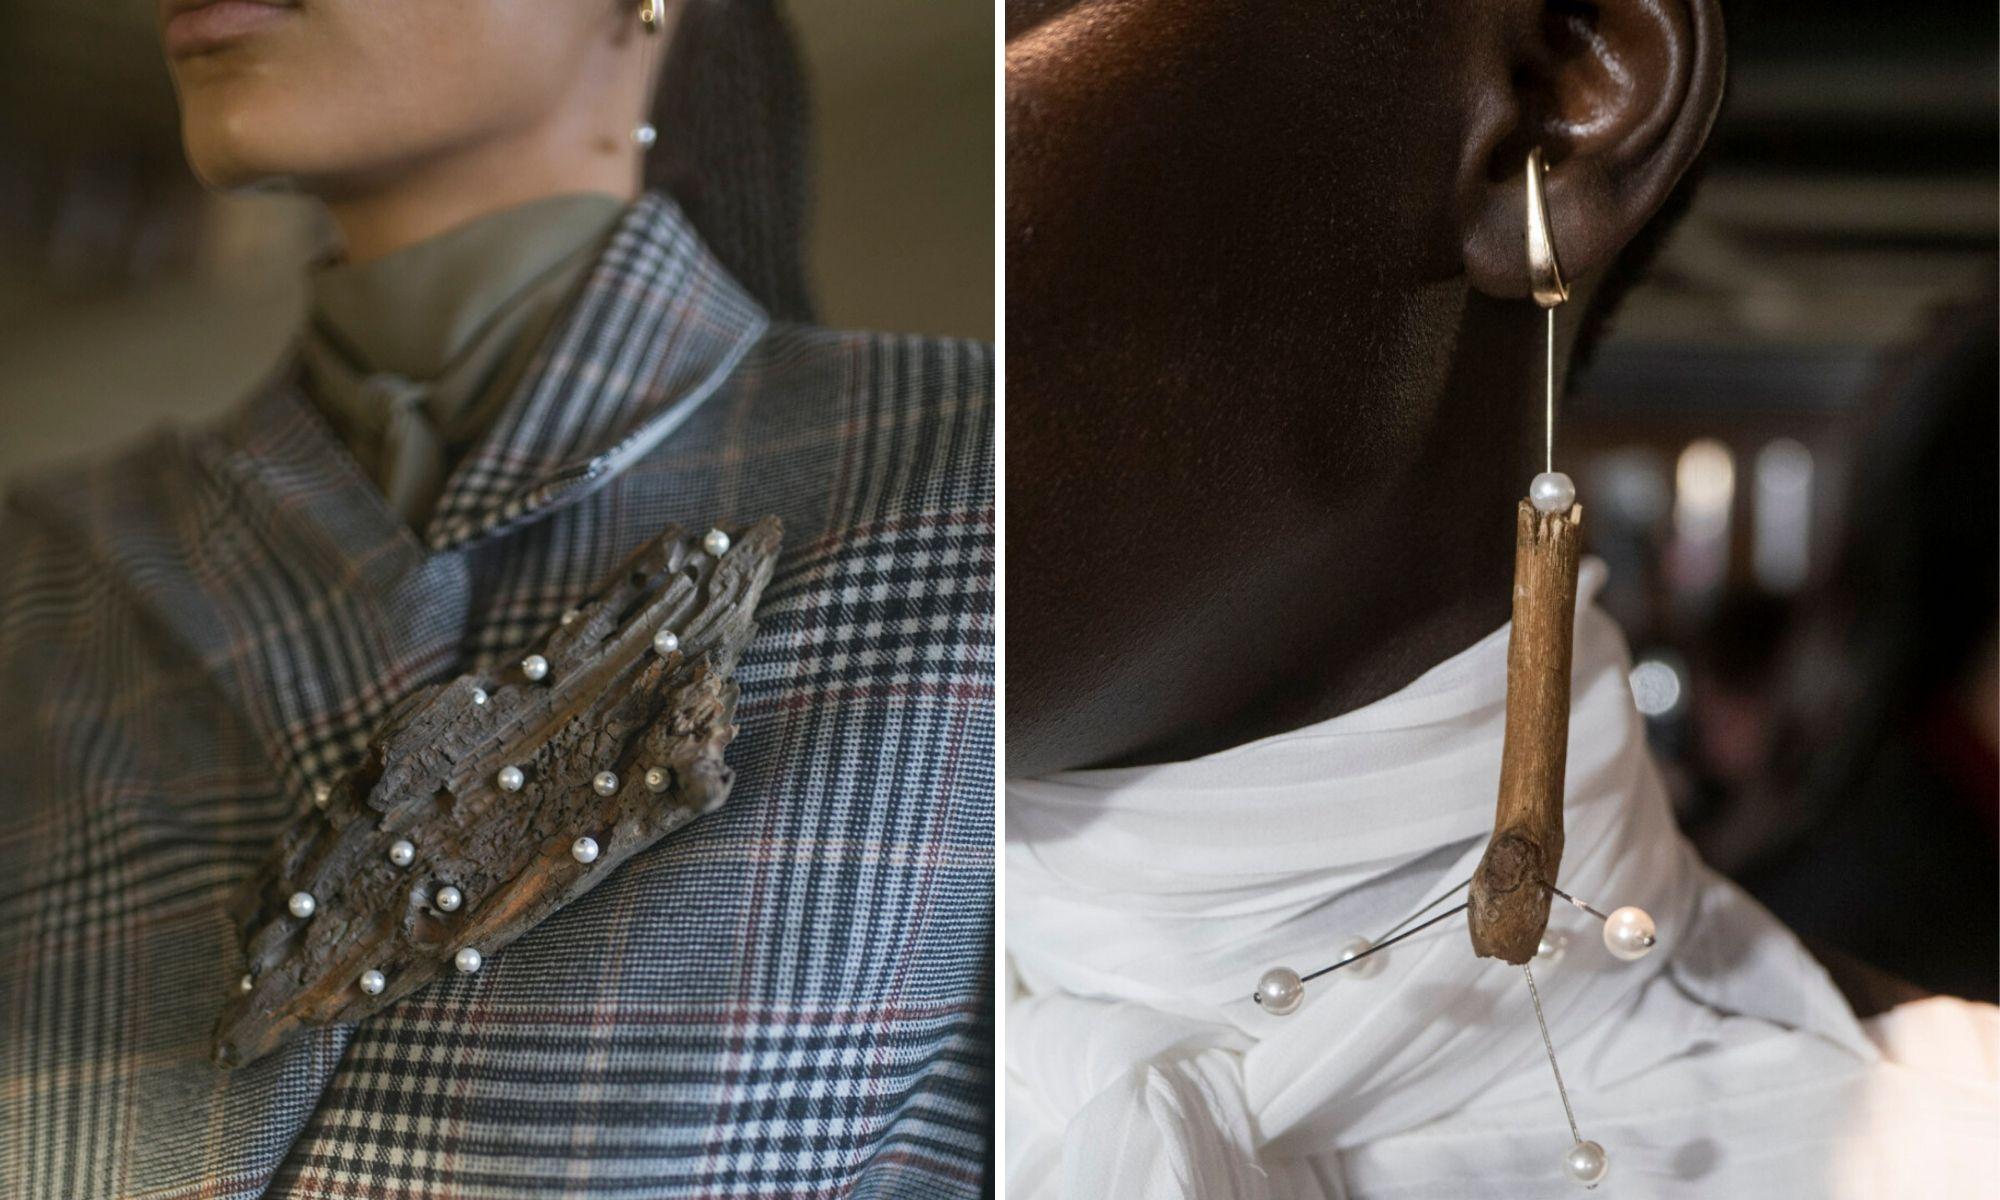 rolan mouret thu đông 2020 tuần lễ thời trang london trang sức phụ kiện gỗ